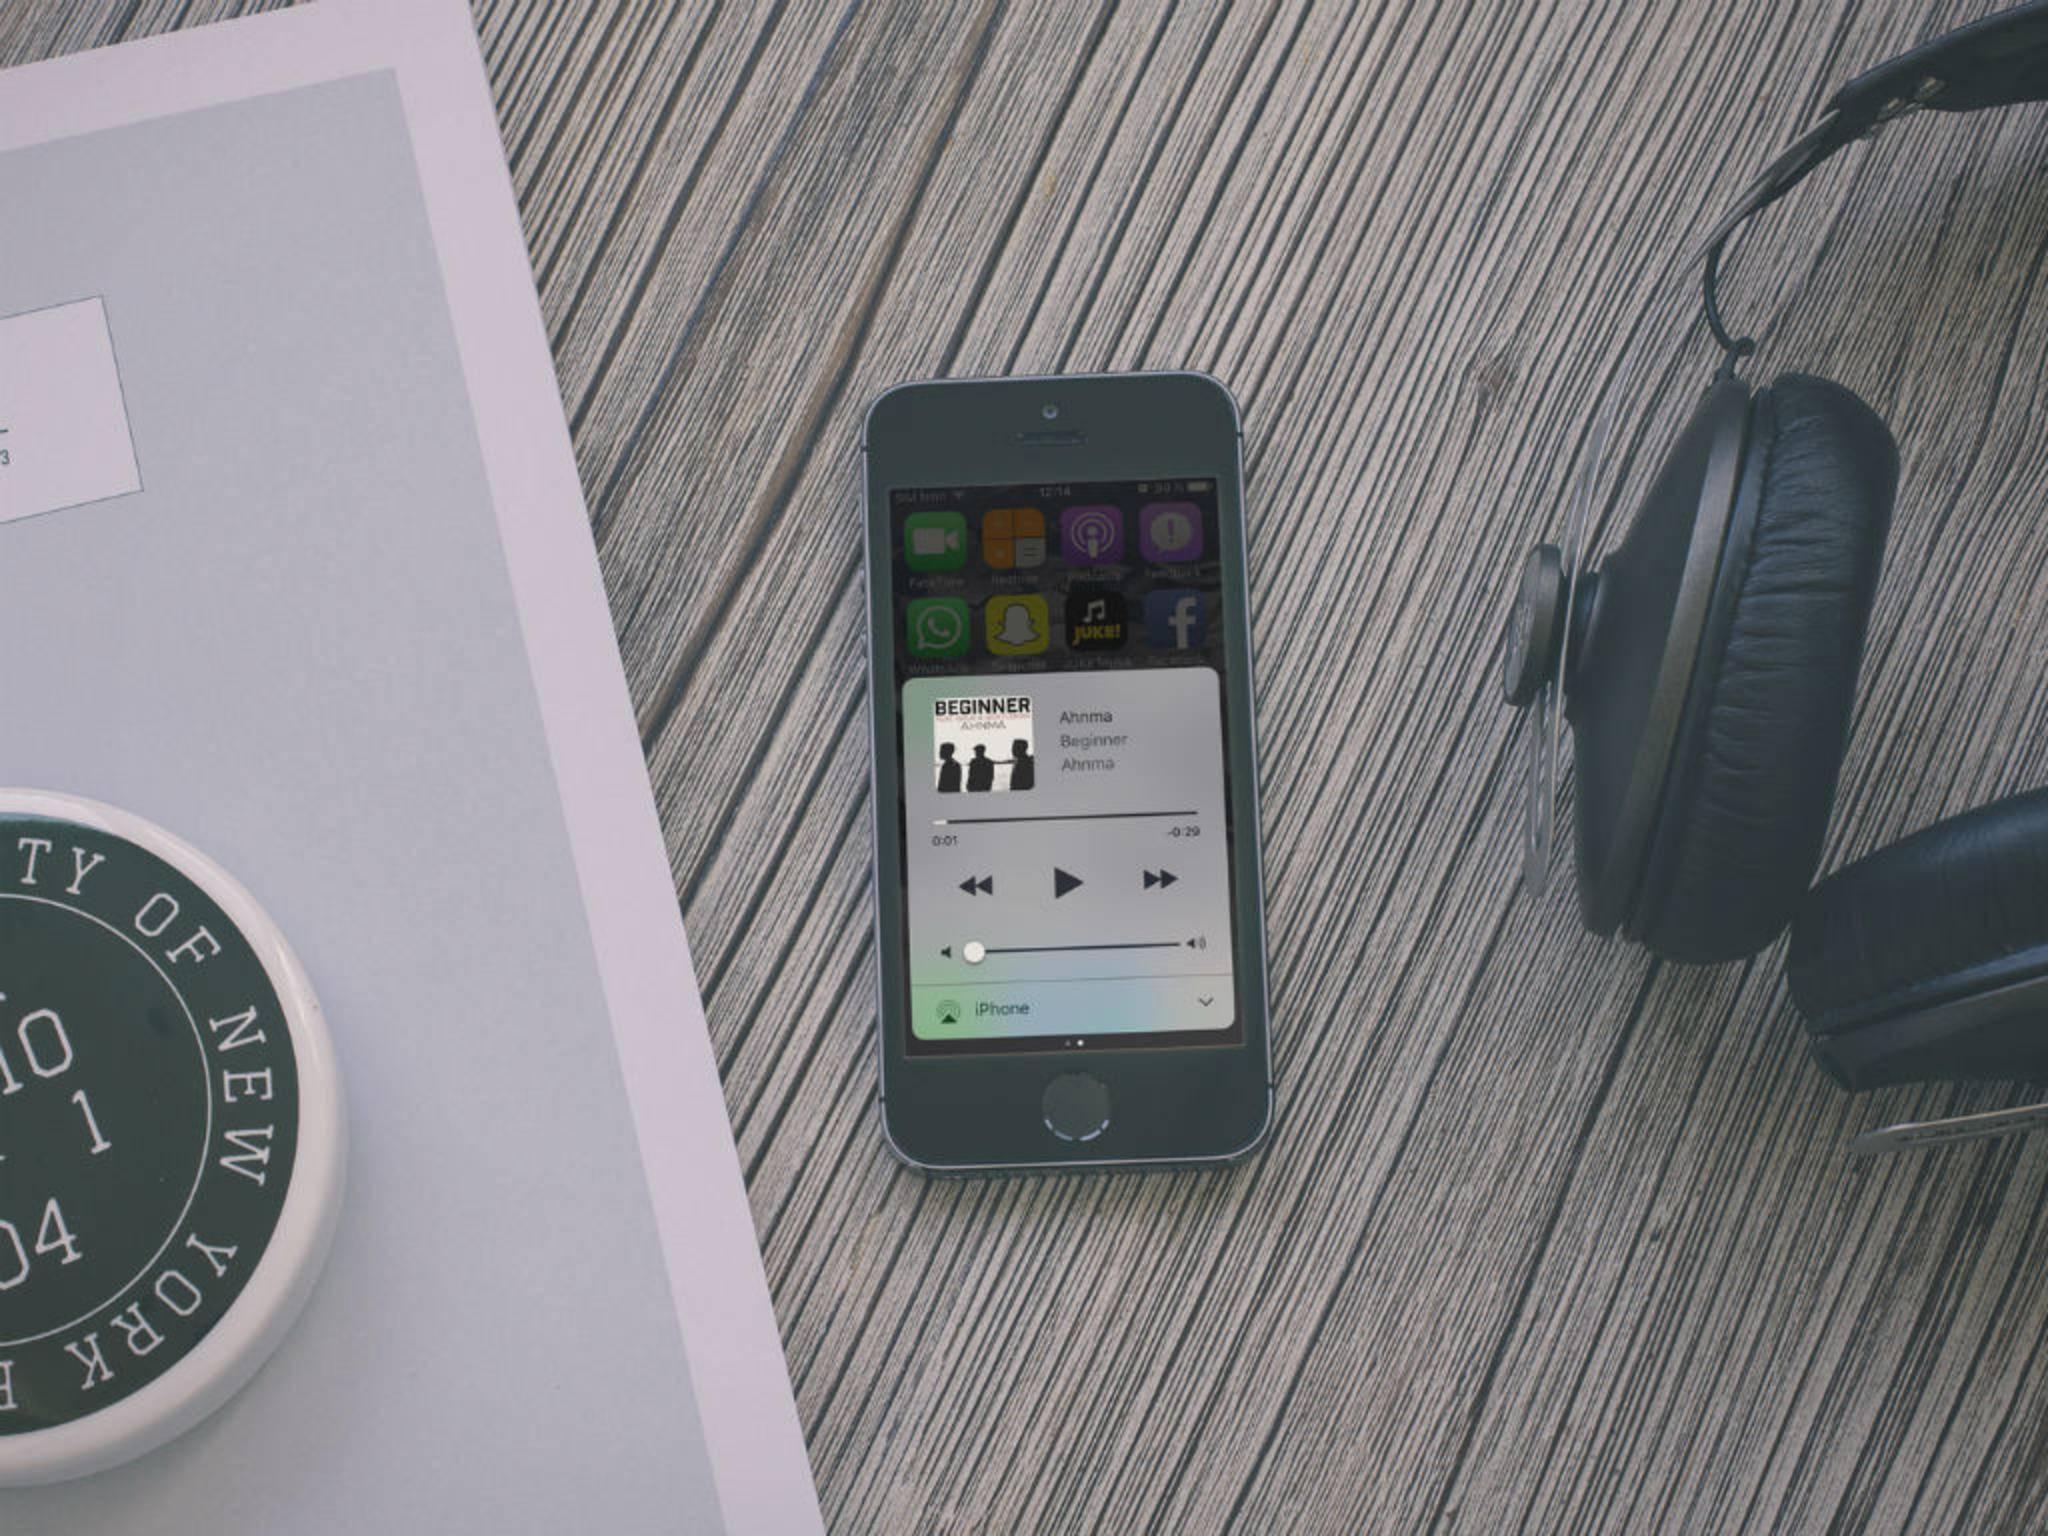 Mit dem Equalizer kannst Du auf dem iPhone den Sound anpassen.